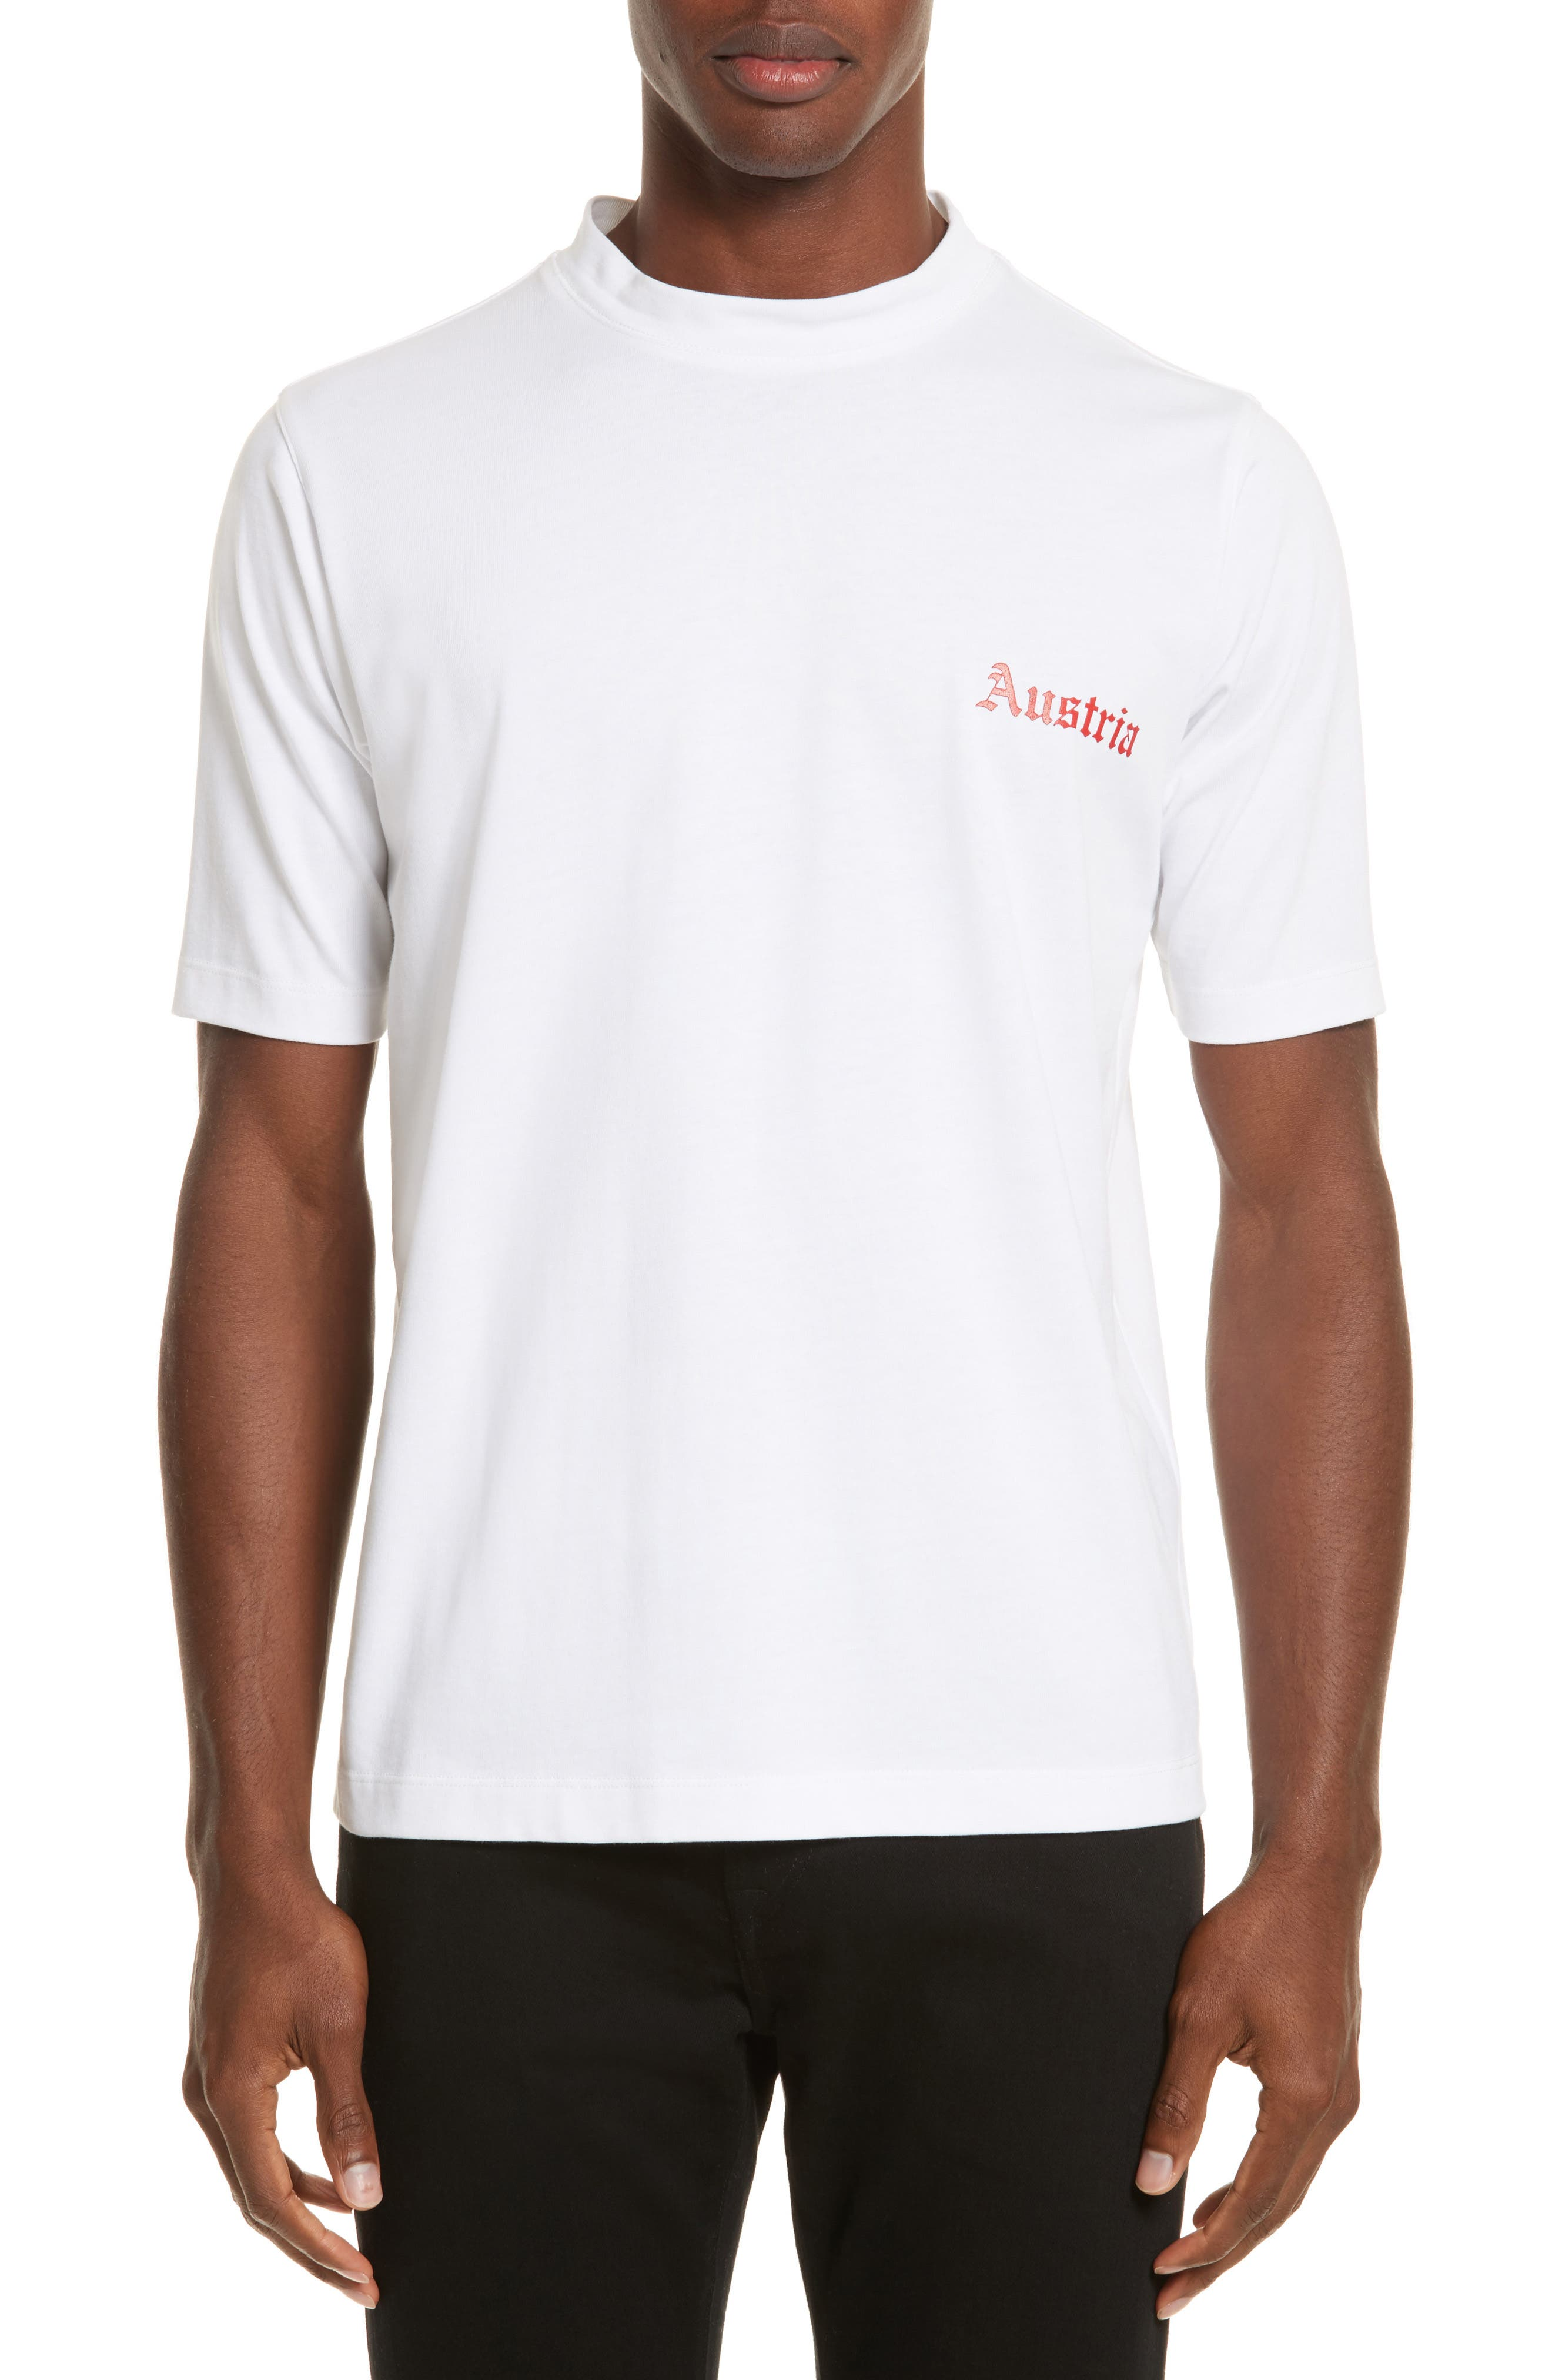 Austria Tall T-Shirt,                         Main,                         color, 100